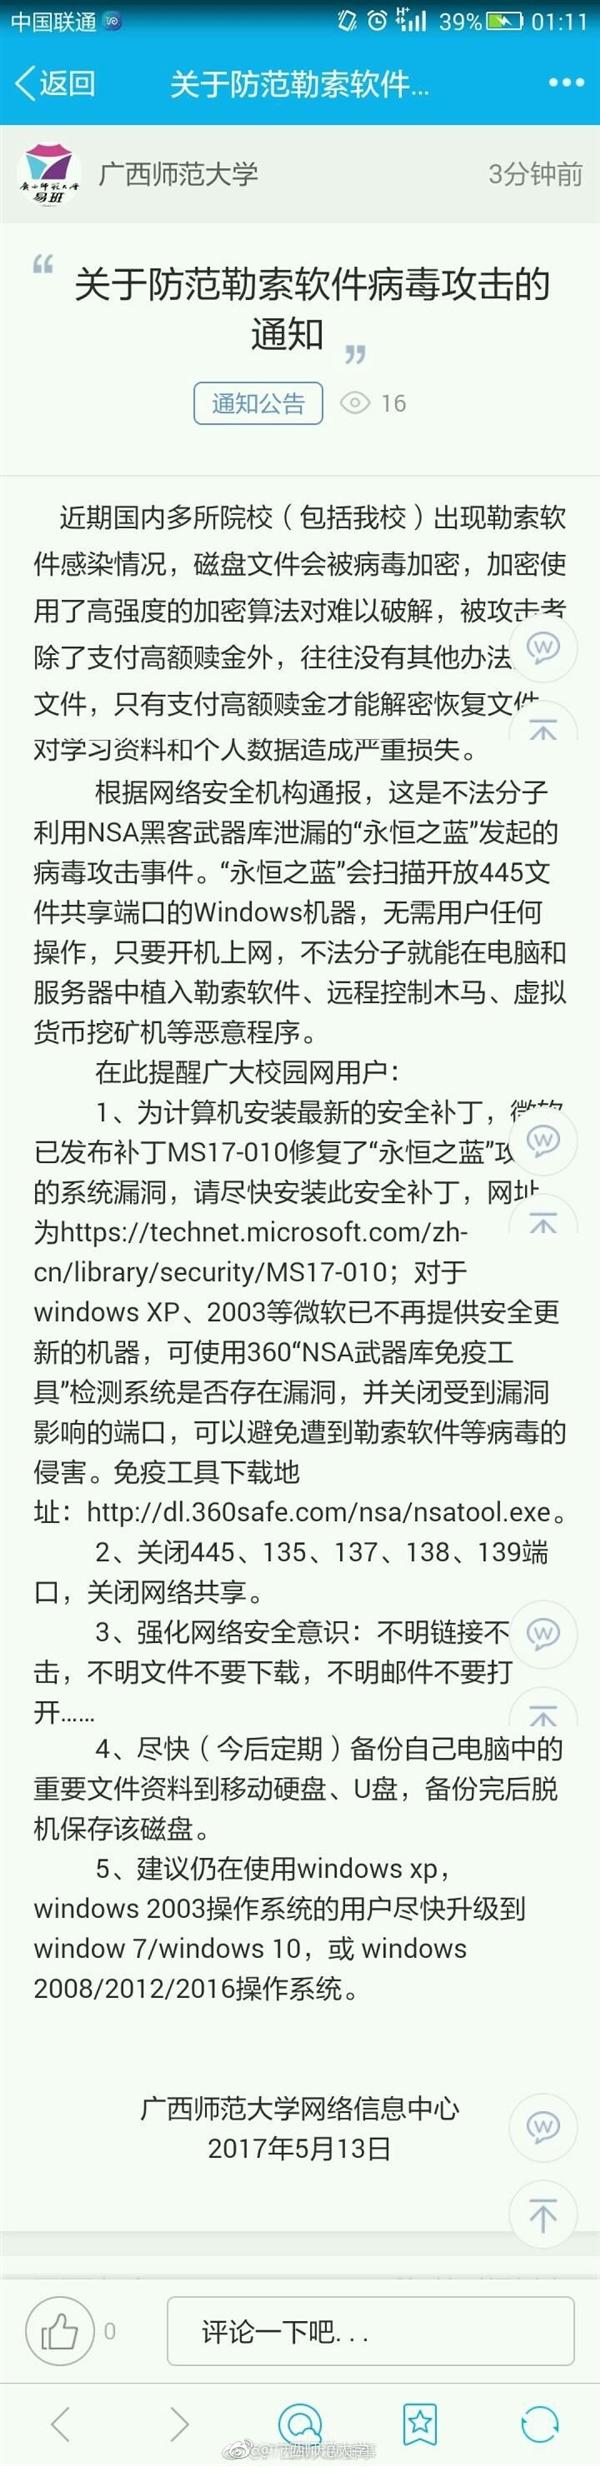 这个Windows恶意软件坑惨中国学生!微软再次出手